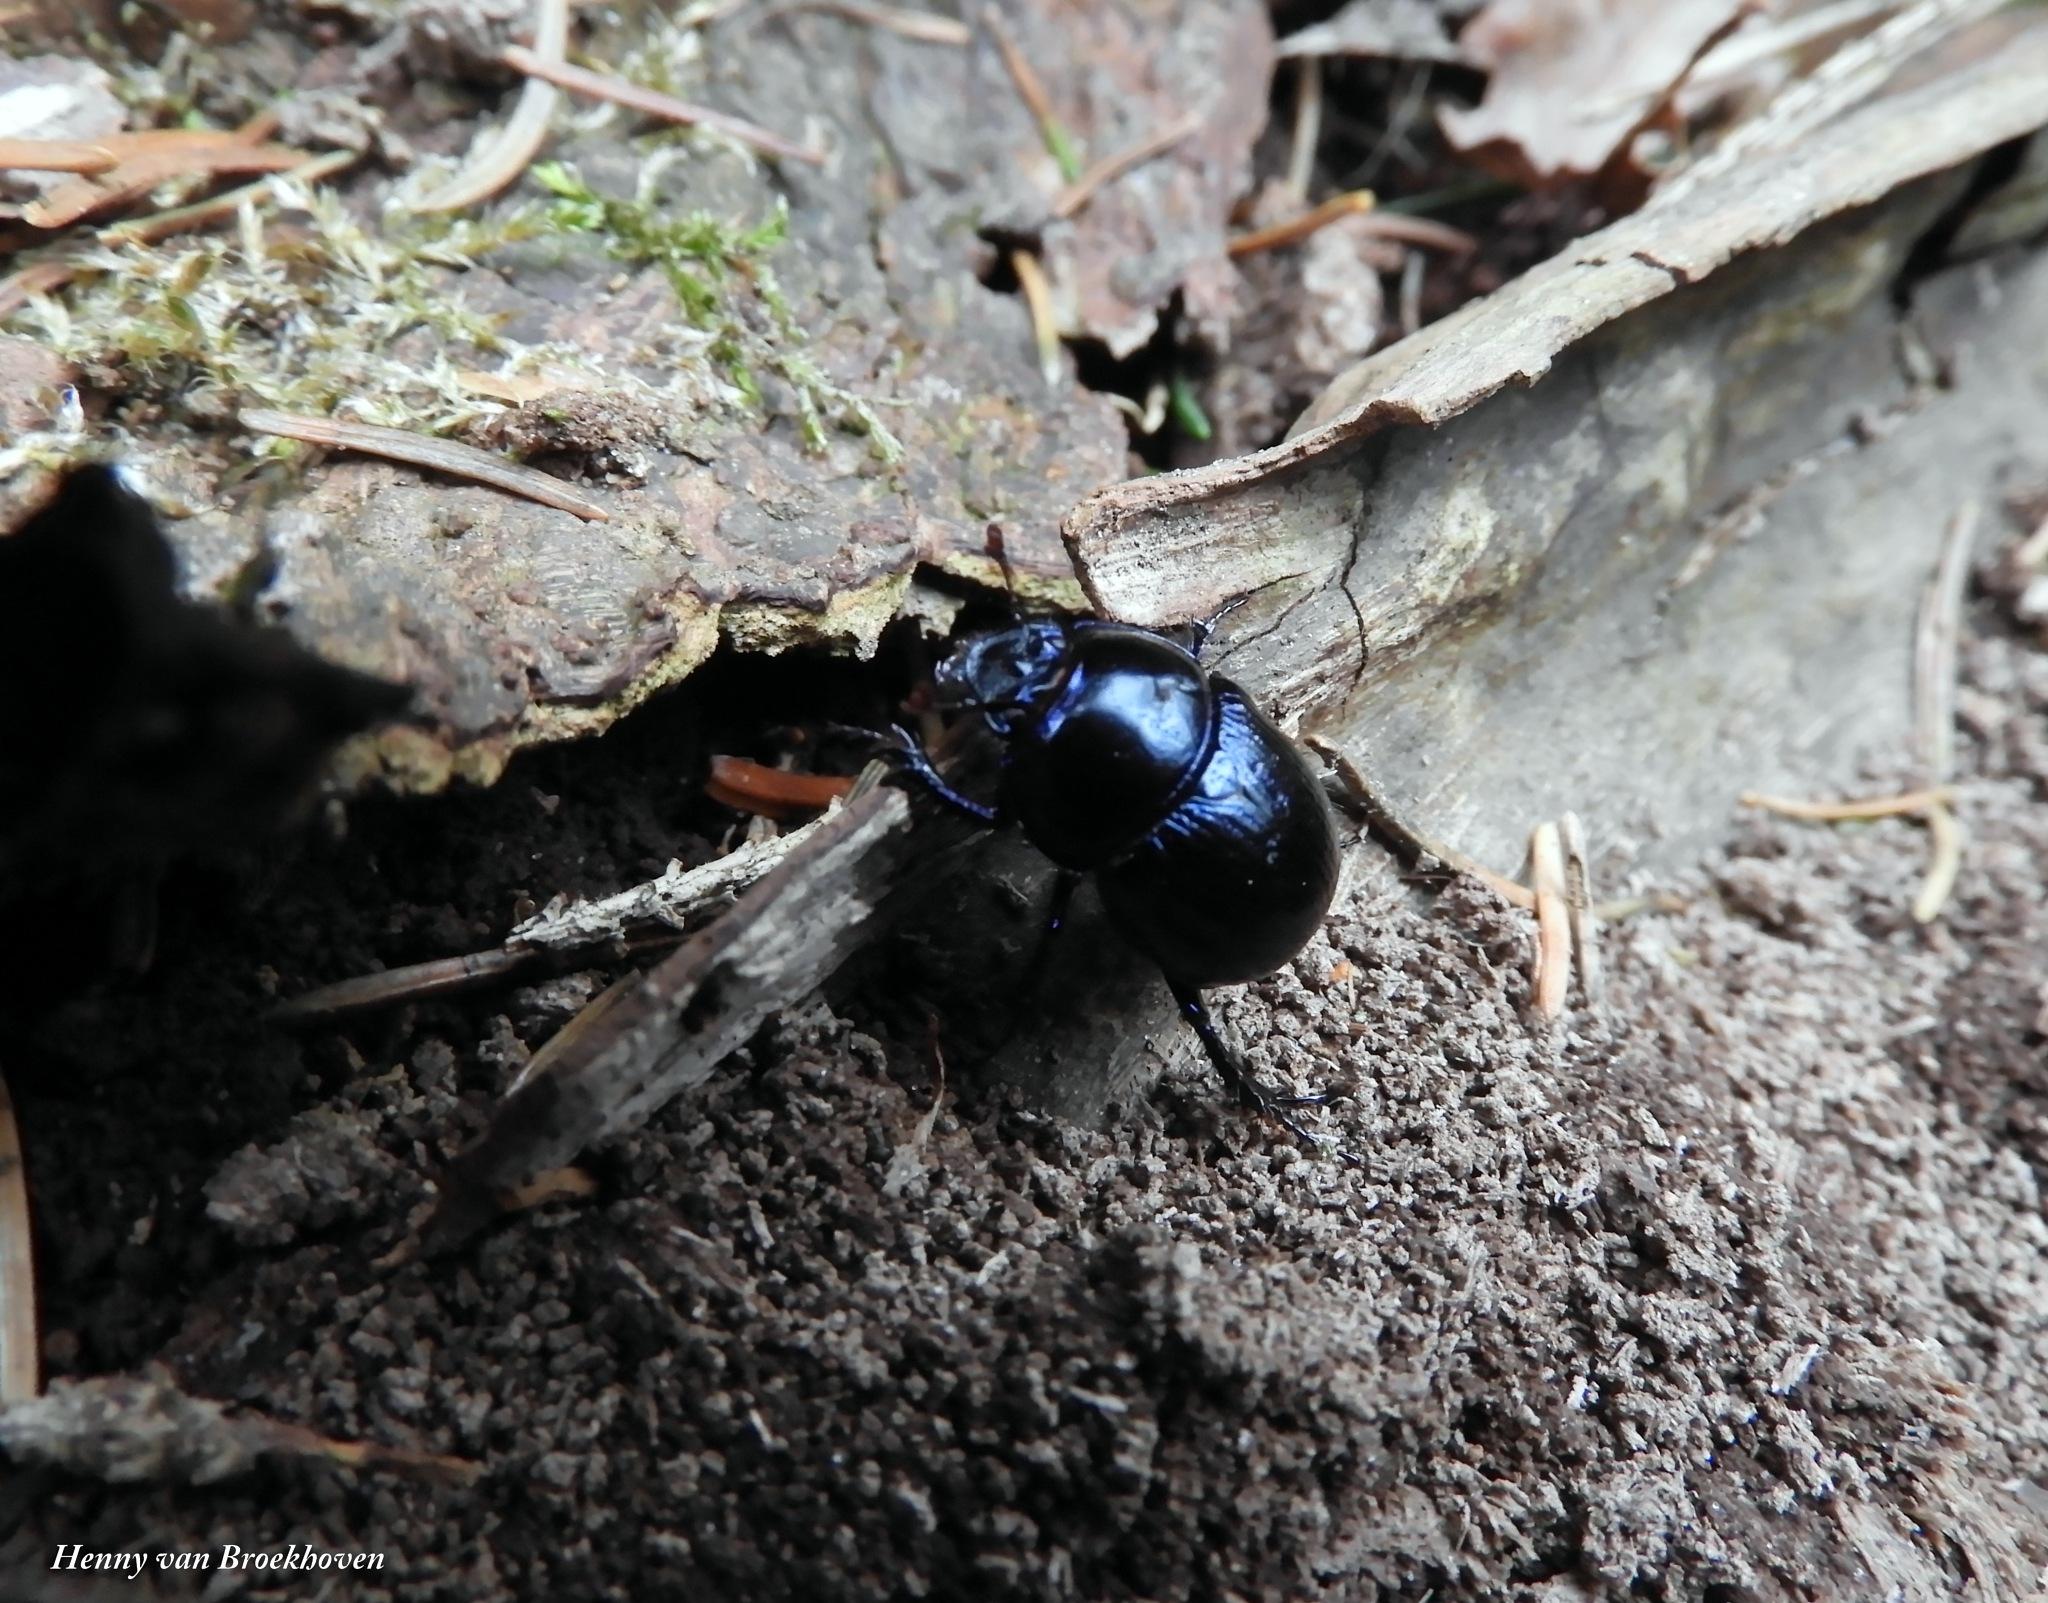 Beetle again by Henny van Broekhoven